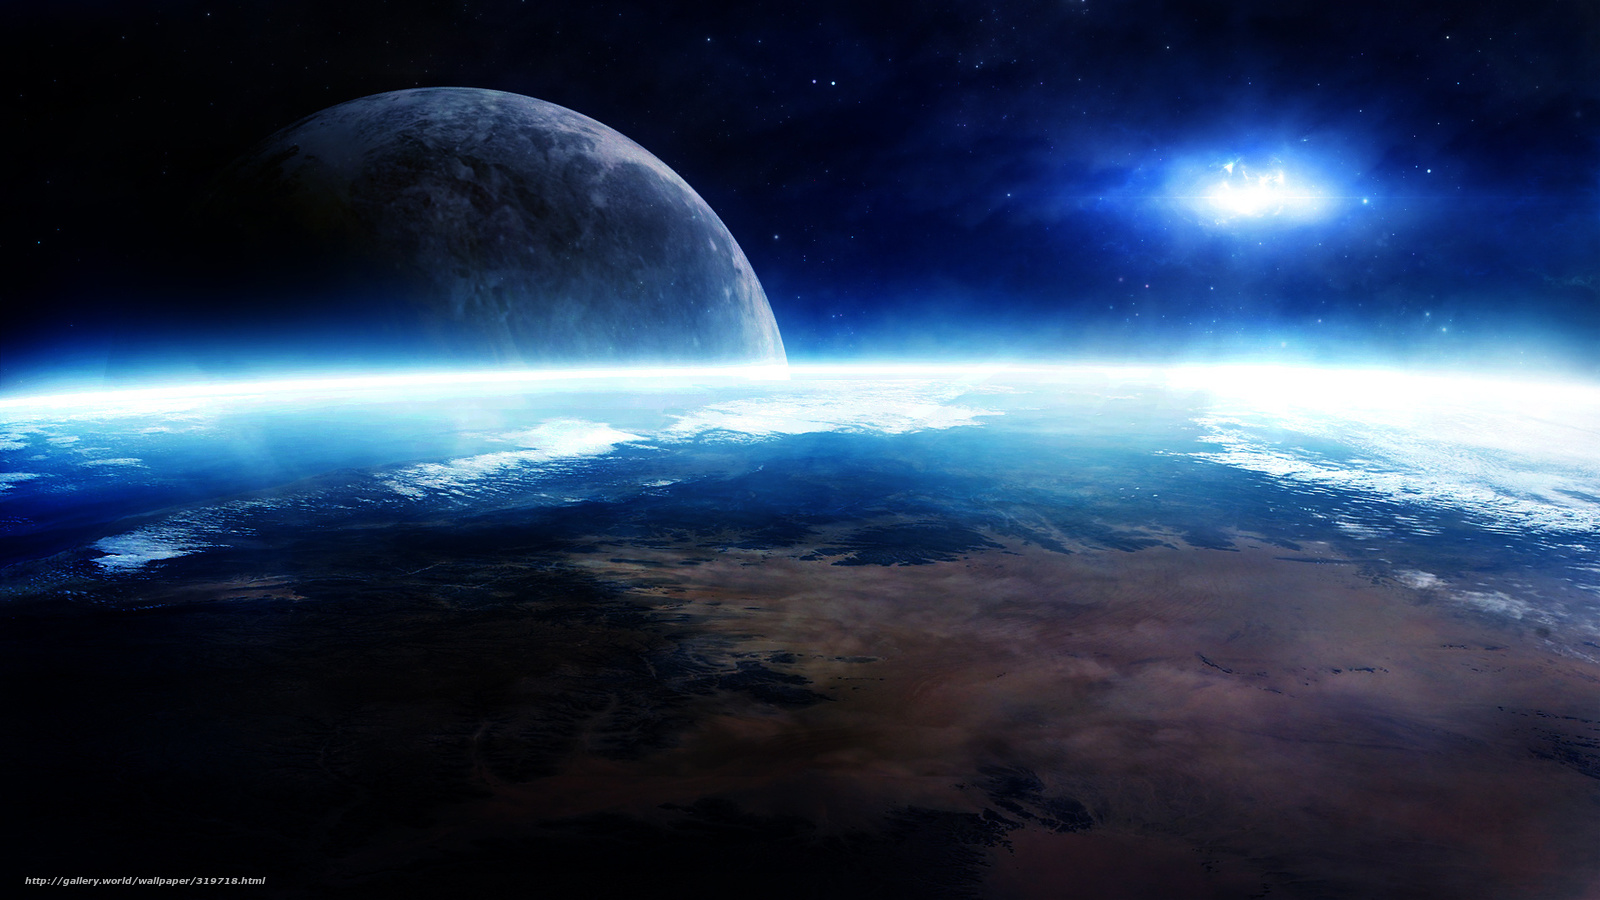 Descargar Gratis Espacio, Tierra, Luna, Planeta Fondos De